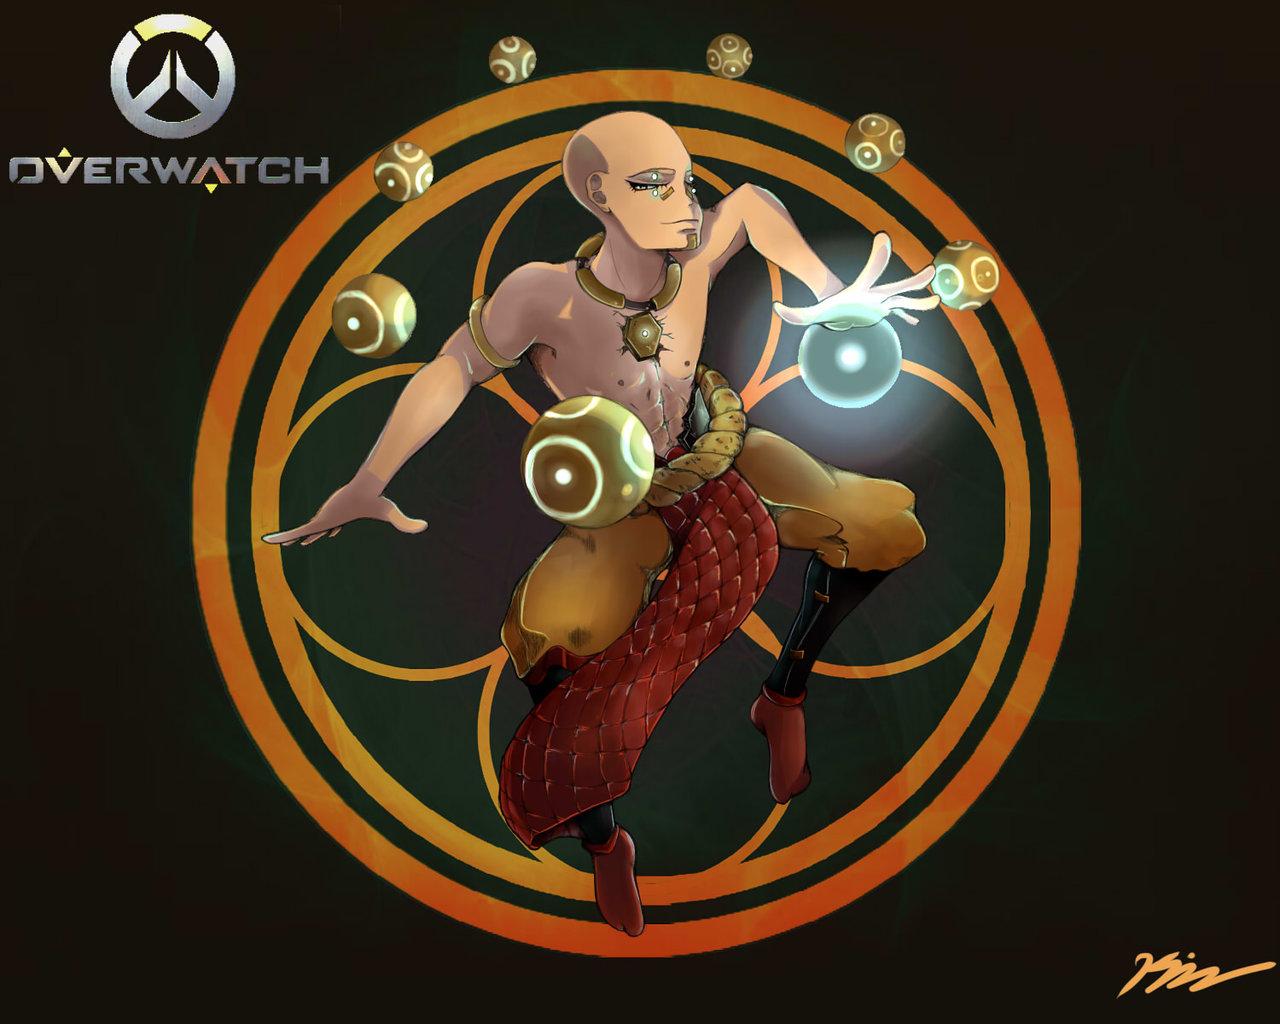 Zenyatta overwatch clipart clip Overwatch Fan Art Zenyatta by Keylime97 on DeviantArt clip